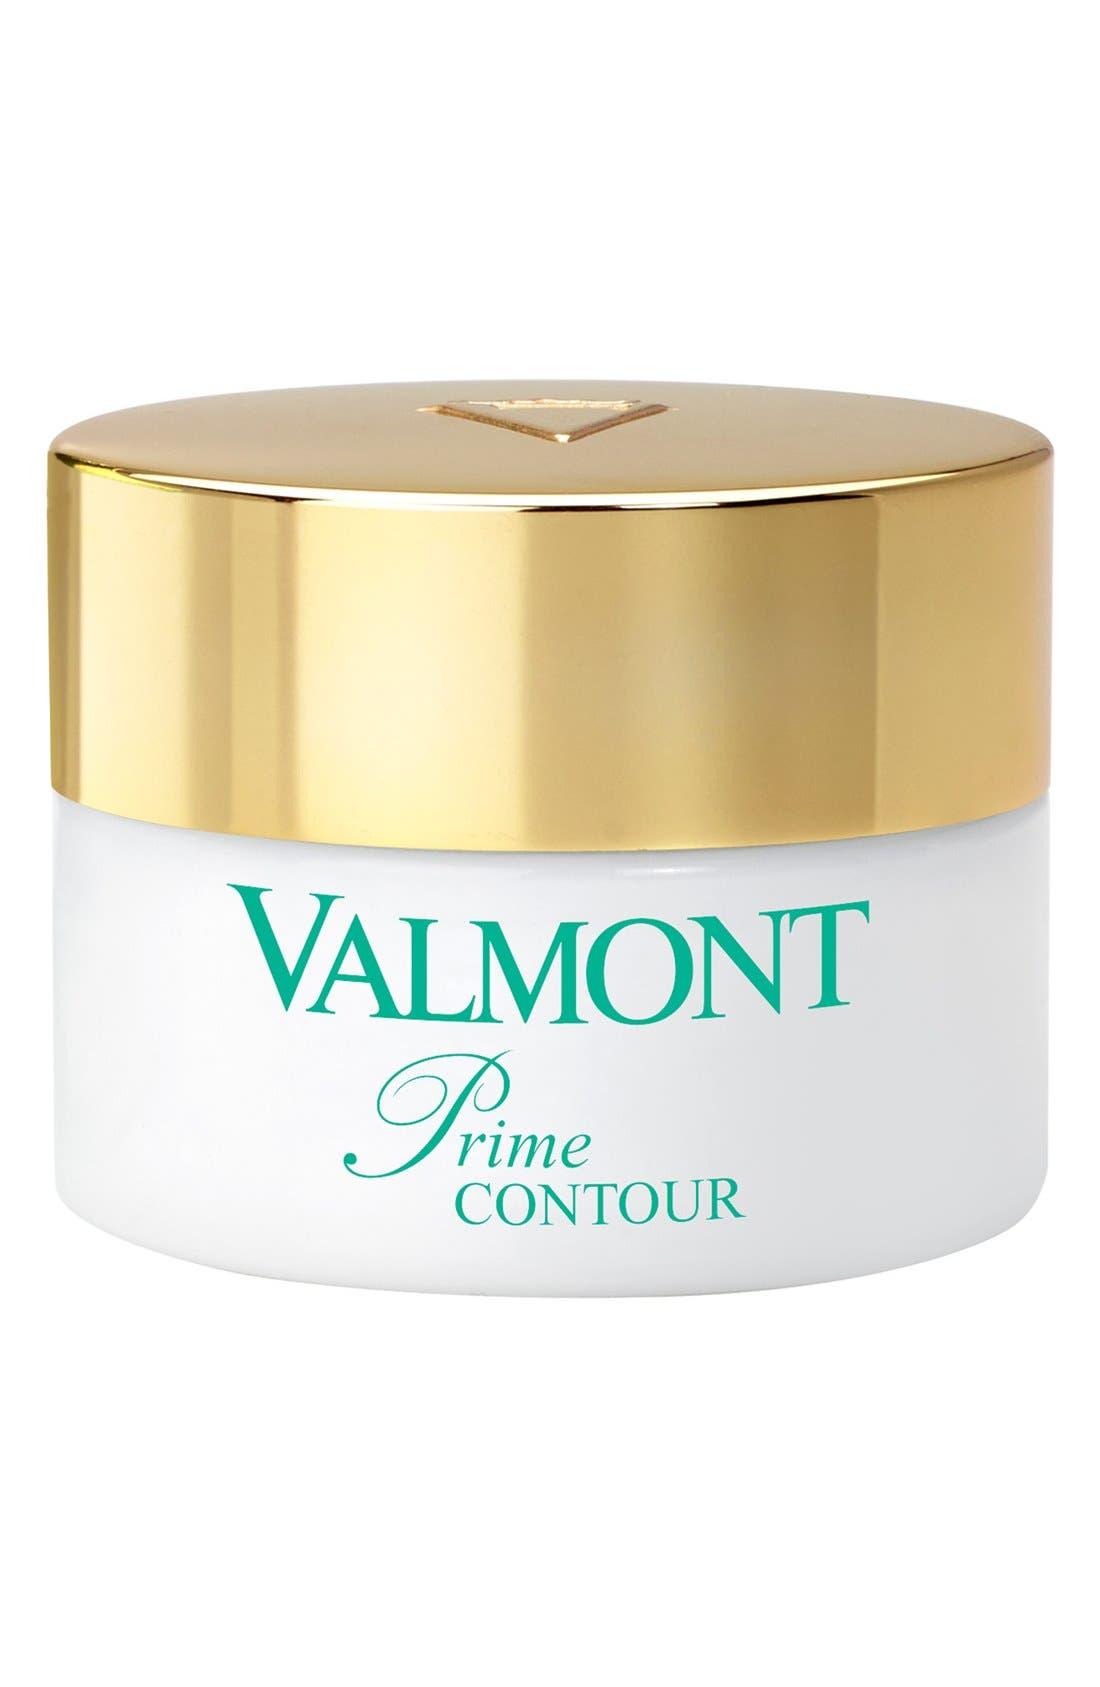 Valmont Eye & Mouth Contour Corrective Cream